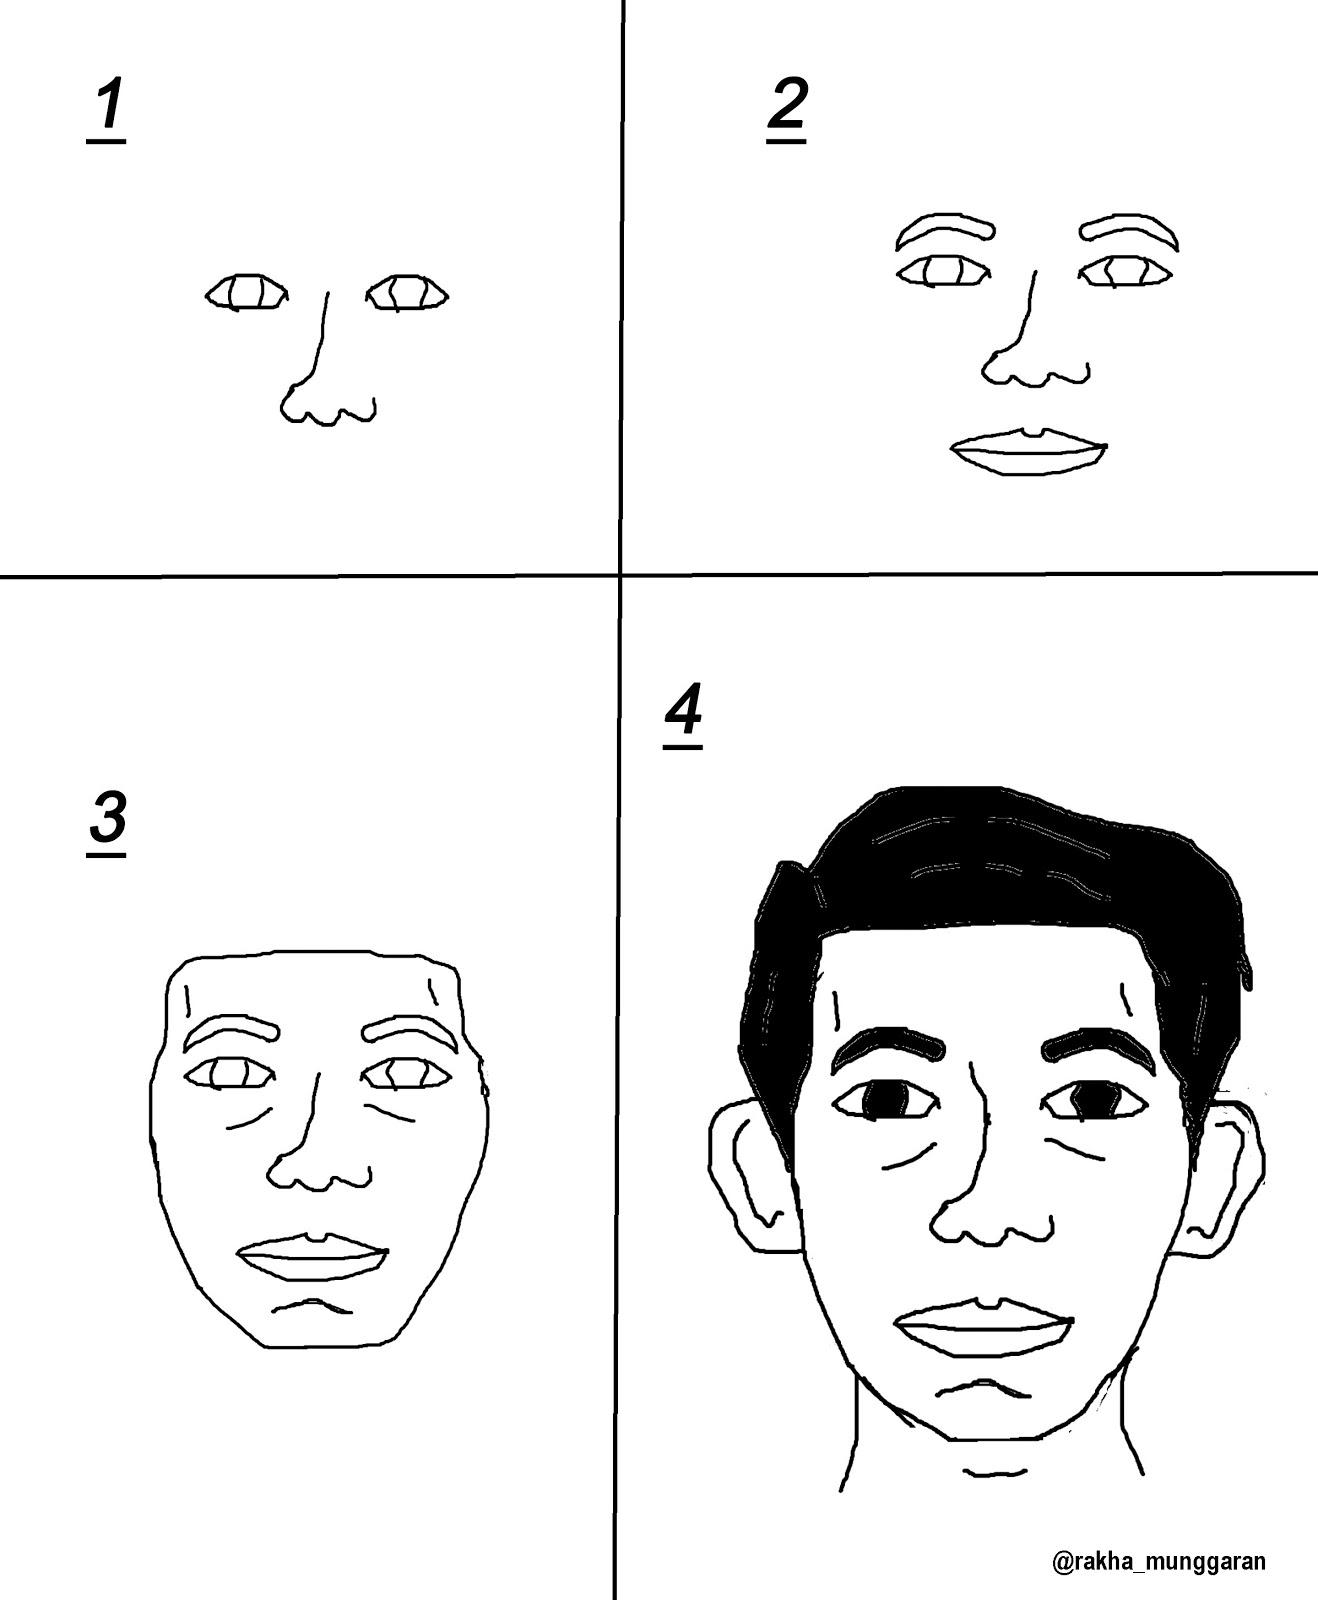 Demikian 14 tips menggambar orang dalam psikotest yang didapatkan ...